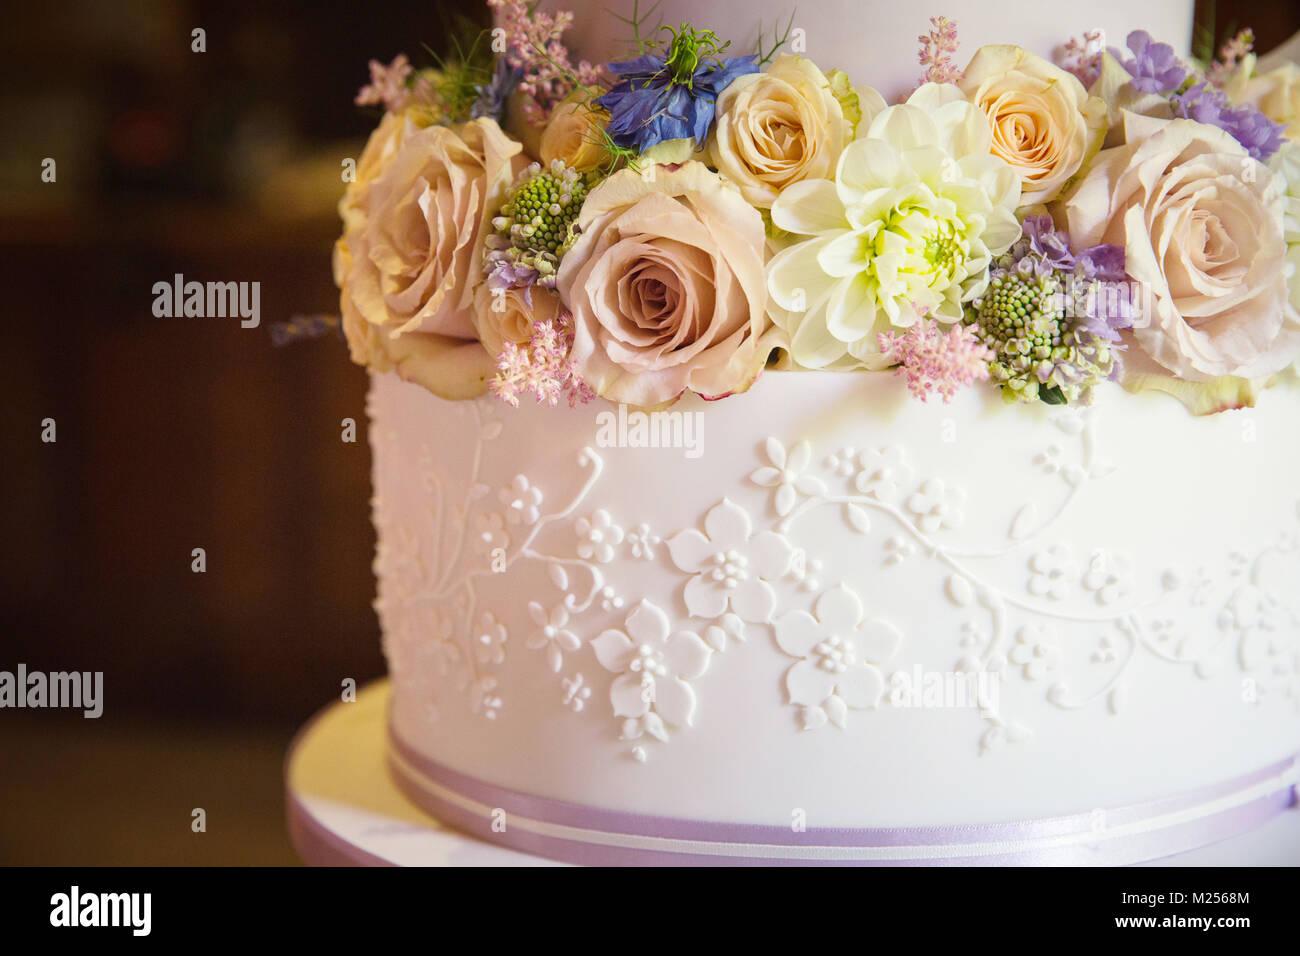 Frische Blumen auf der Stufe der Hochzeitstorte, Nahaufnahme Stockbild